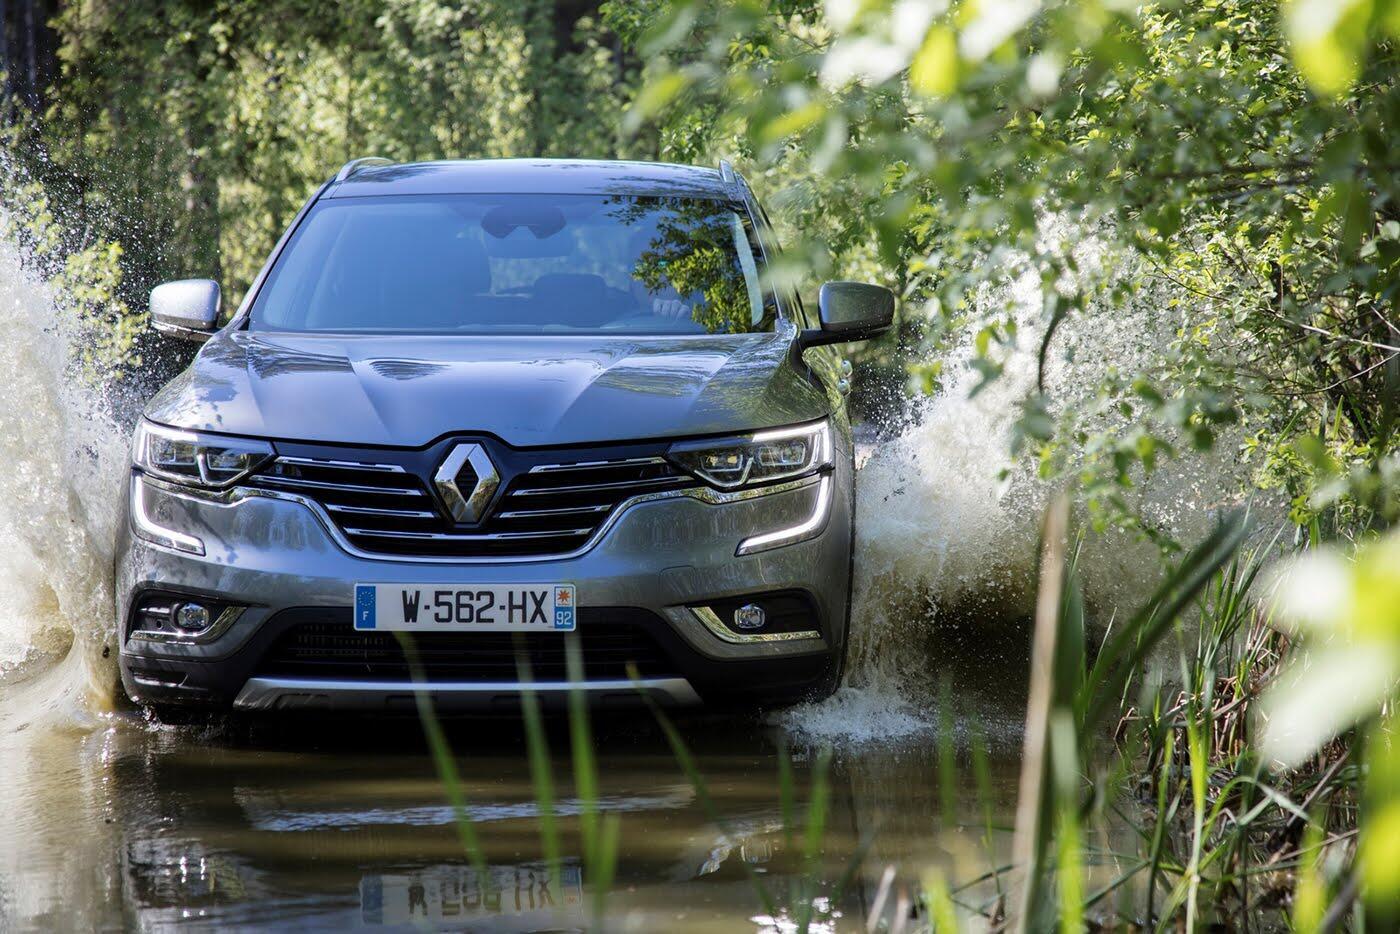 Xem thêm ảnh Renault Koleos 2017 - Hình 4